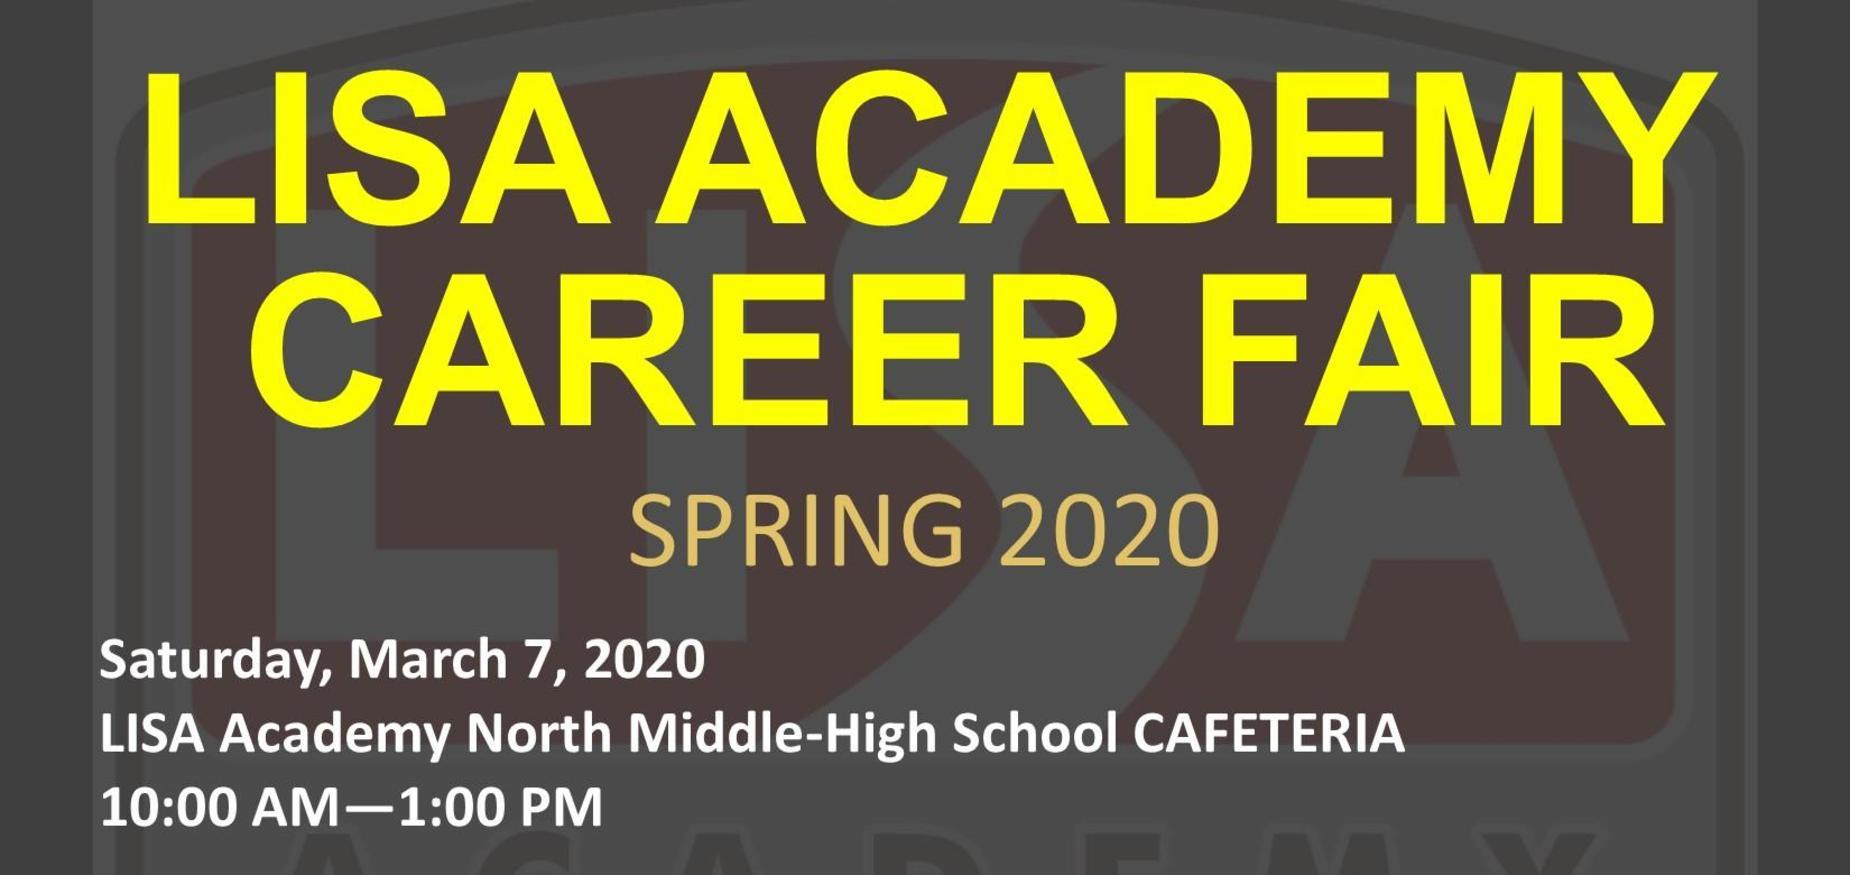 LISA Academy Career Fair, March 7